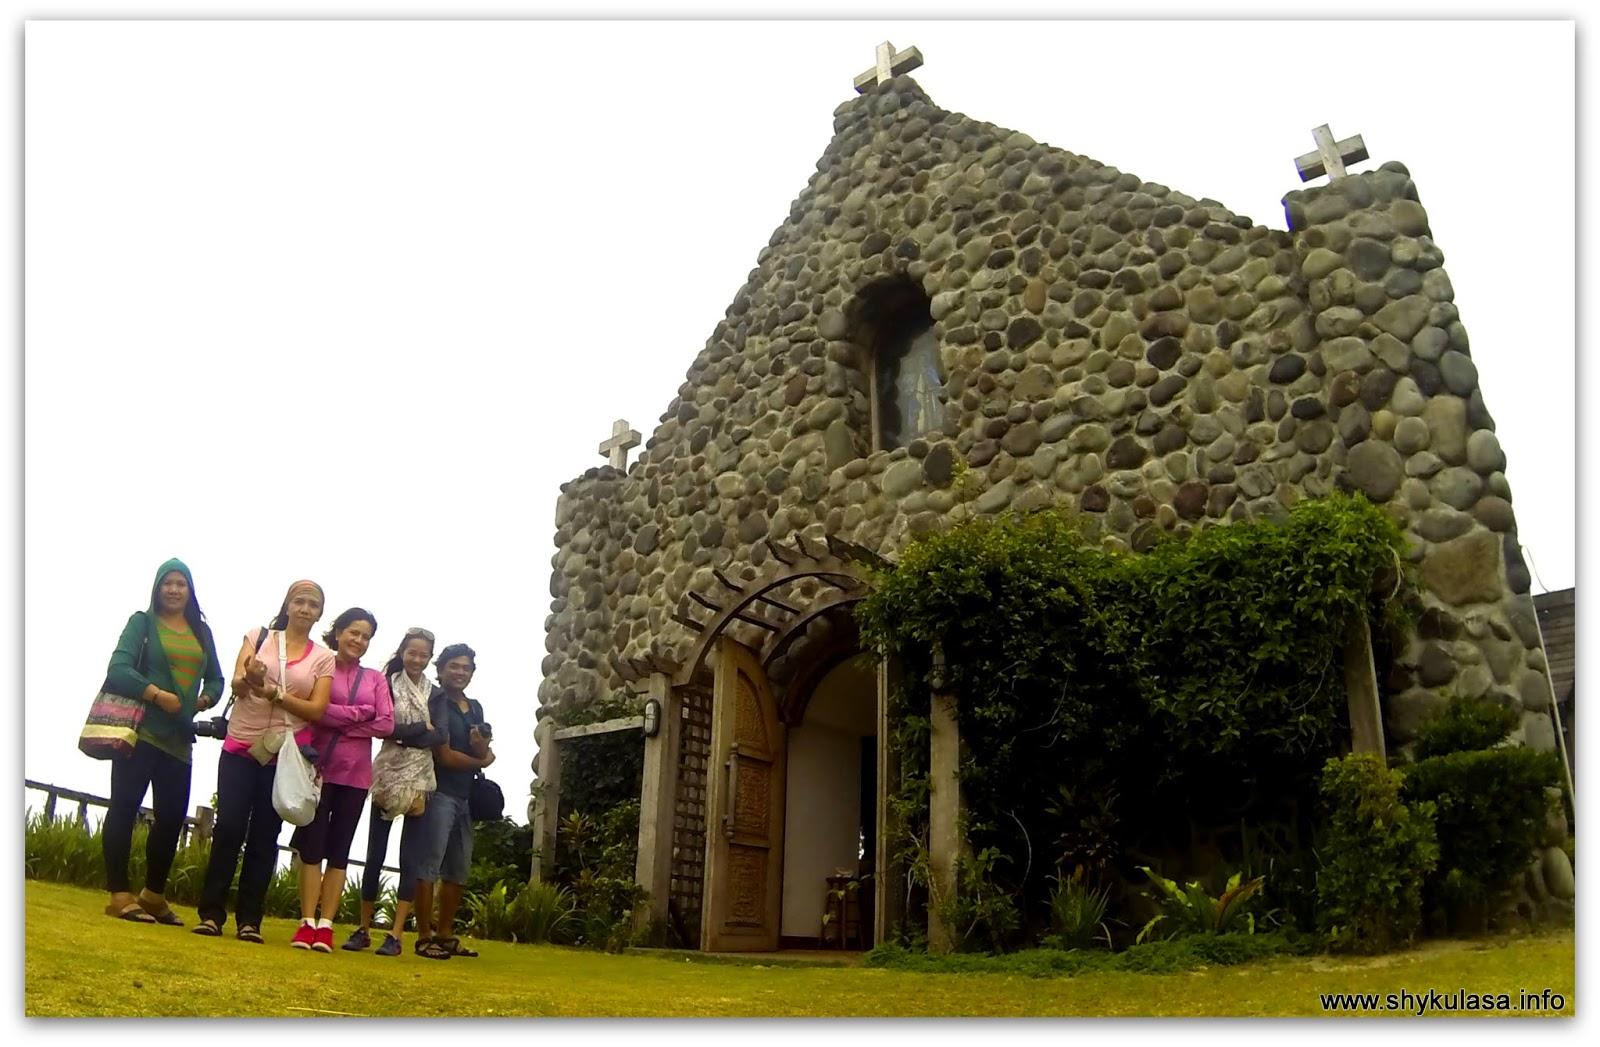 Tukon / Mt Carmel Chapel, Batanes